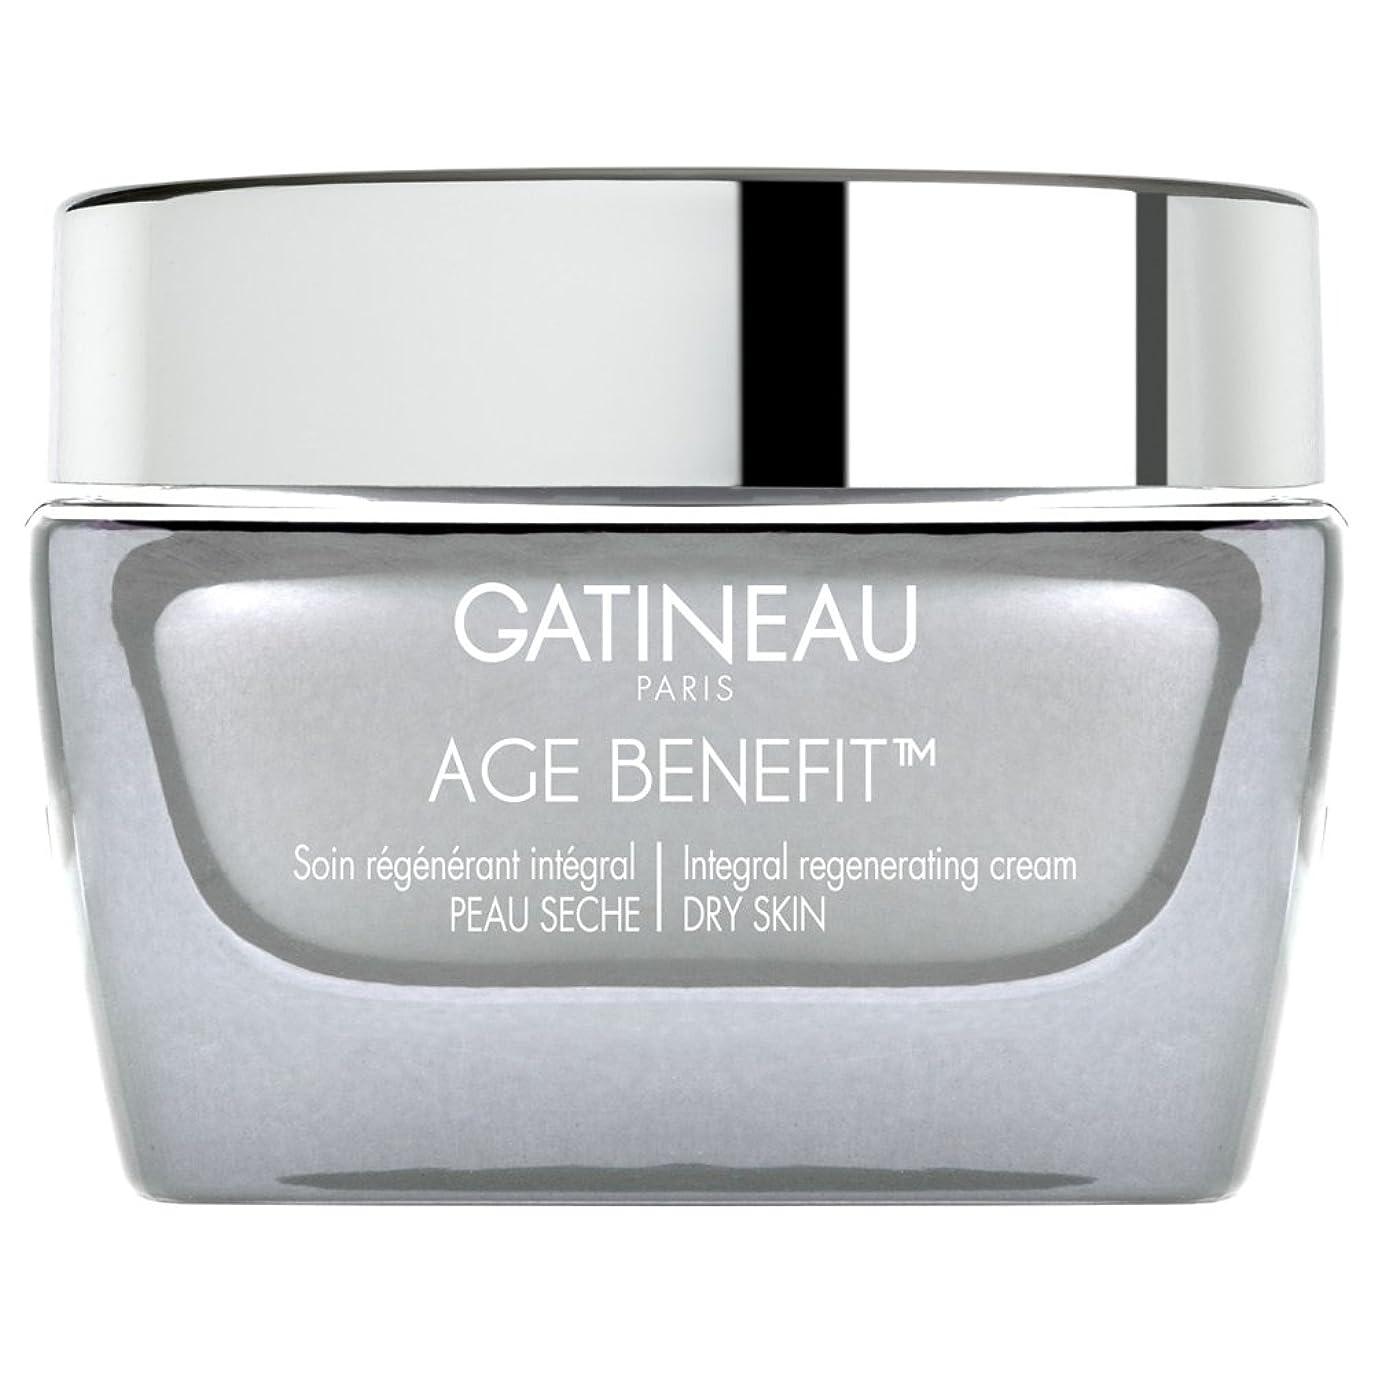 論争の的毎年貸すガティノー年齢給付再生ドライスキンクリーム、50ミリリットル (Gatineau) (x6) - Gatineau Age Benefit Regenerating Dry Skin Cream, 50ml (Pack of 6) [並行輸入品]